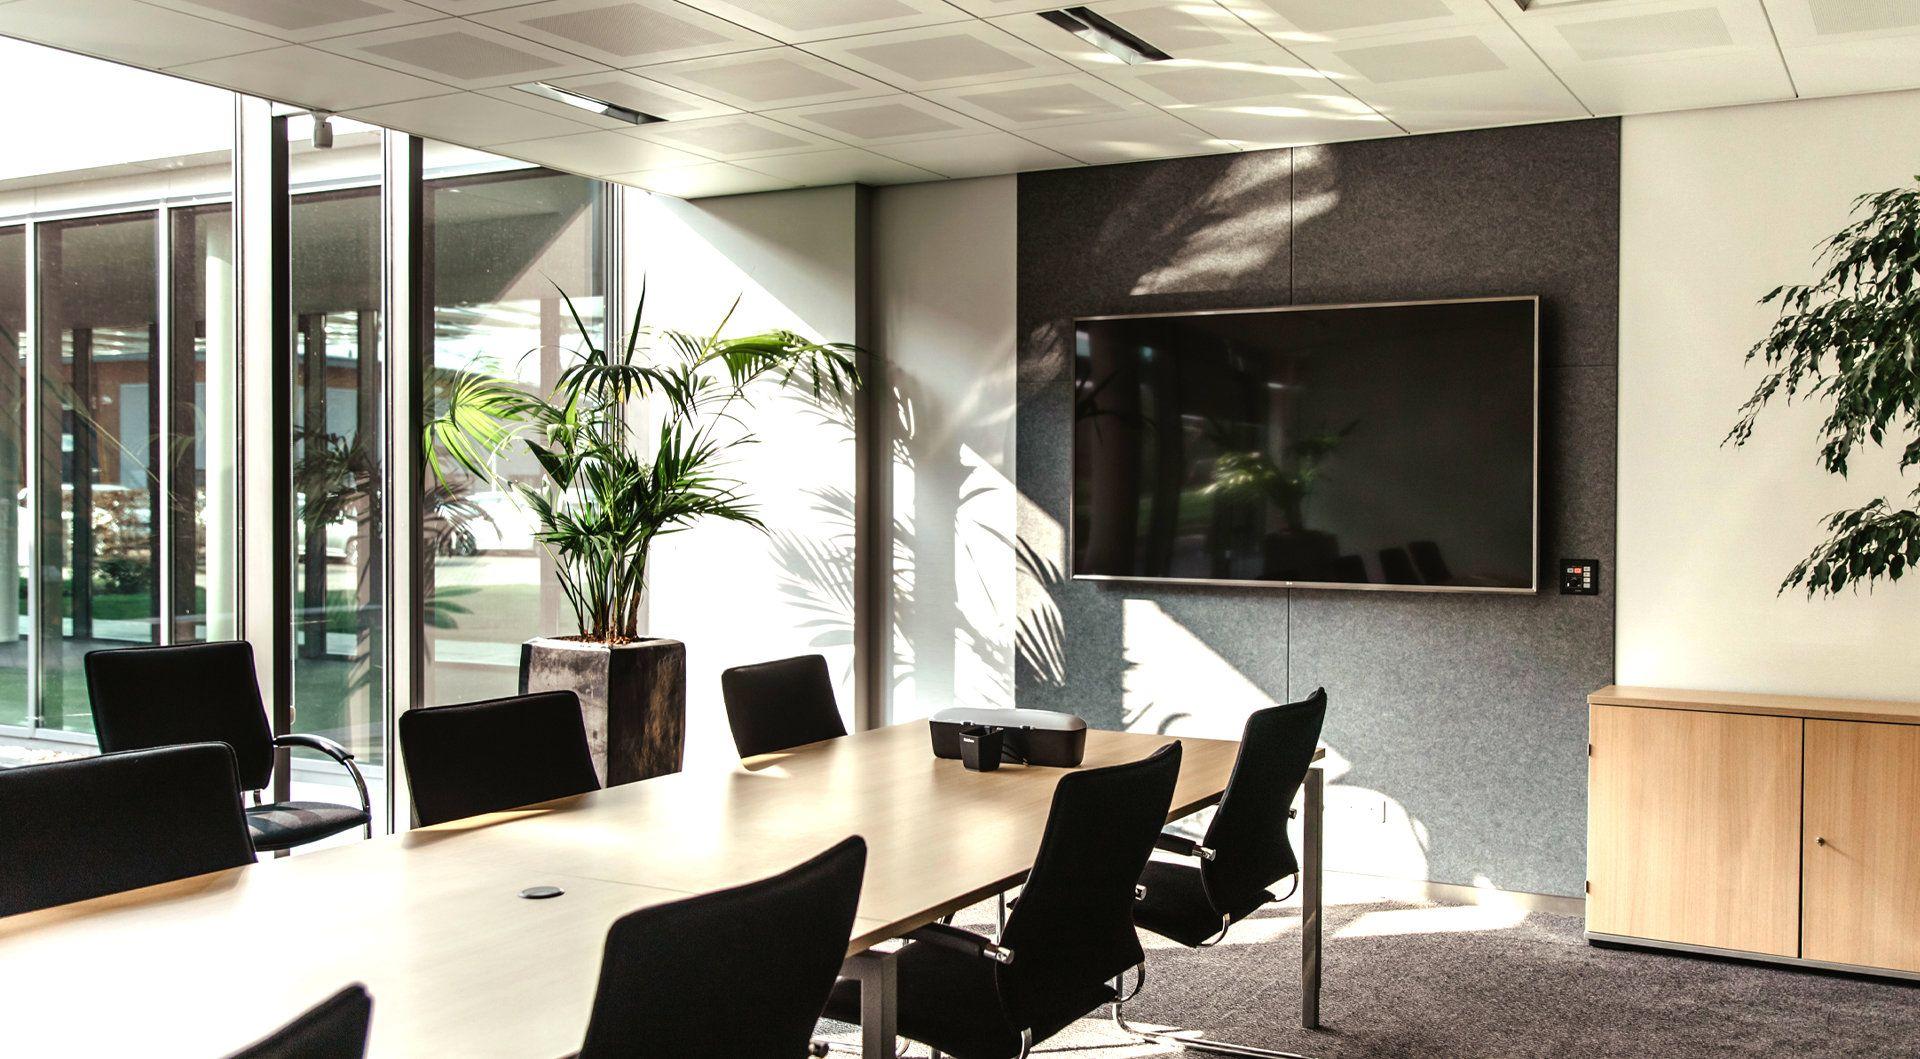 """Conen Mounts SCETABSO flat panel vloer standaard 2,54 m (100"""") Draagbare flatscreen vloerstandaard Zwart - Case studie de vries"""